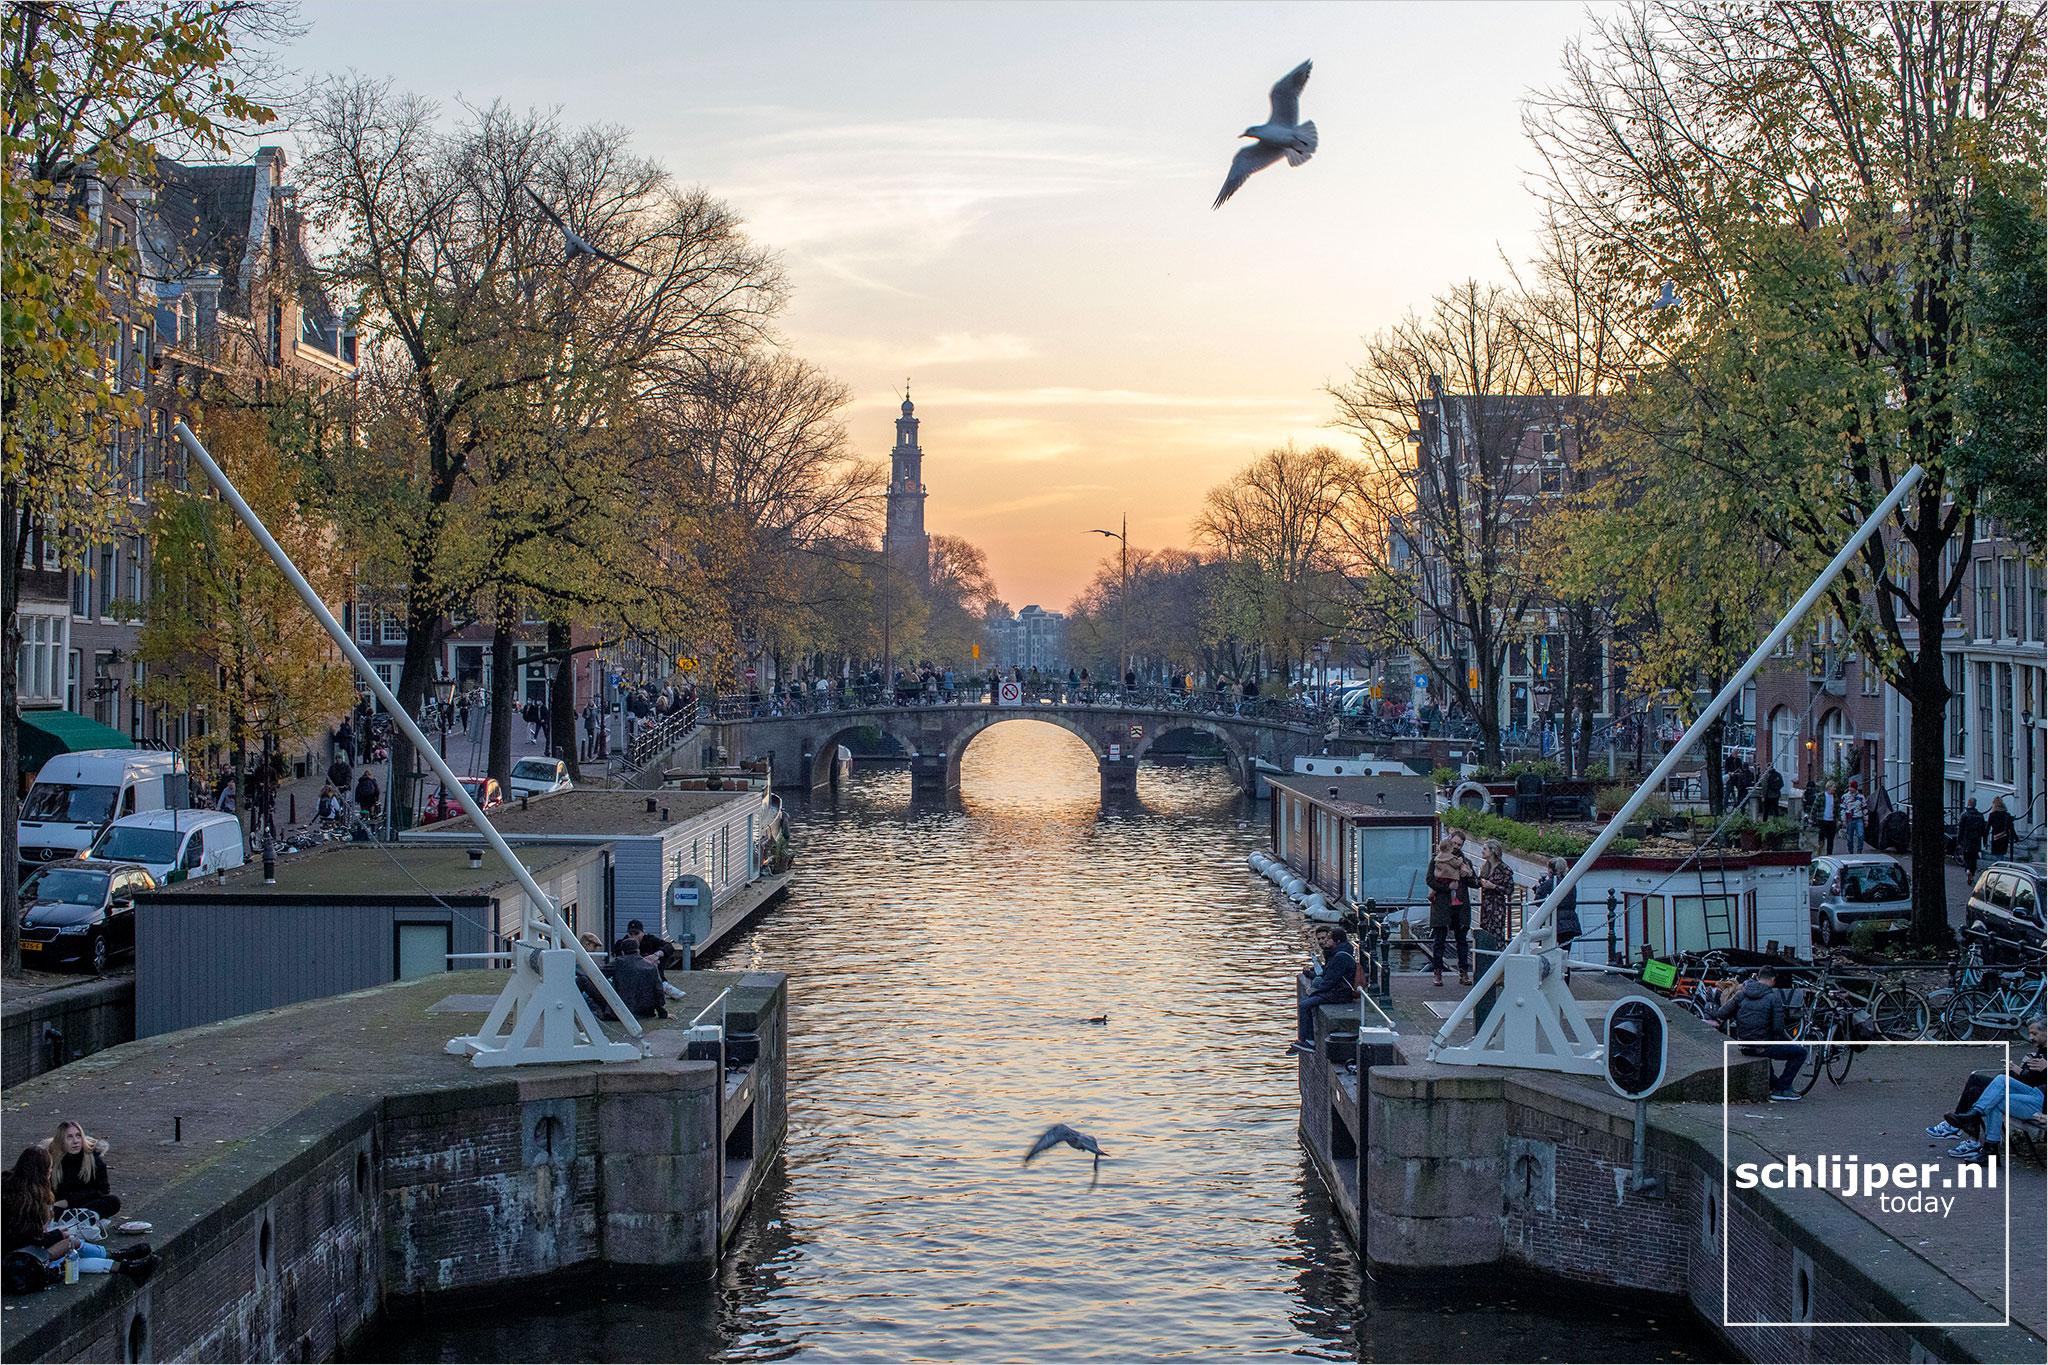 Nederland, Amsterdam, 18 november 2020